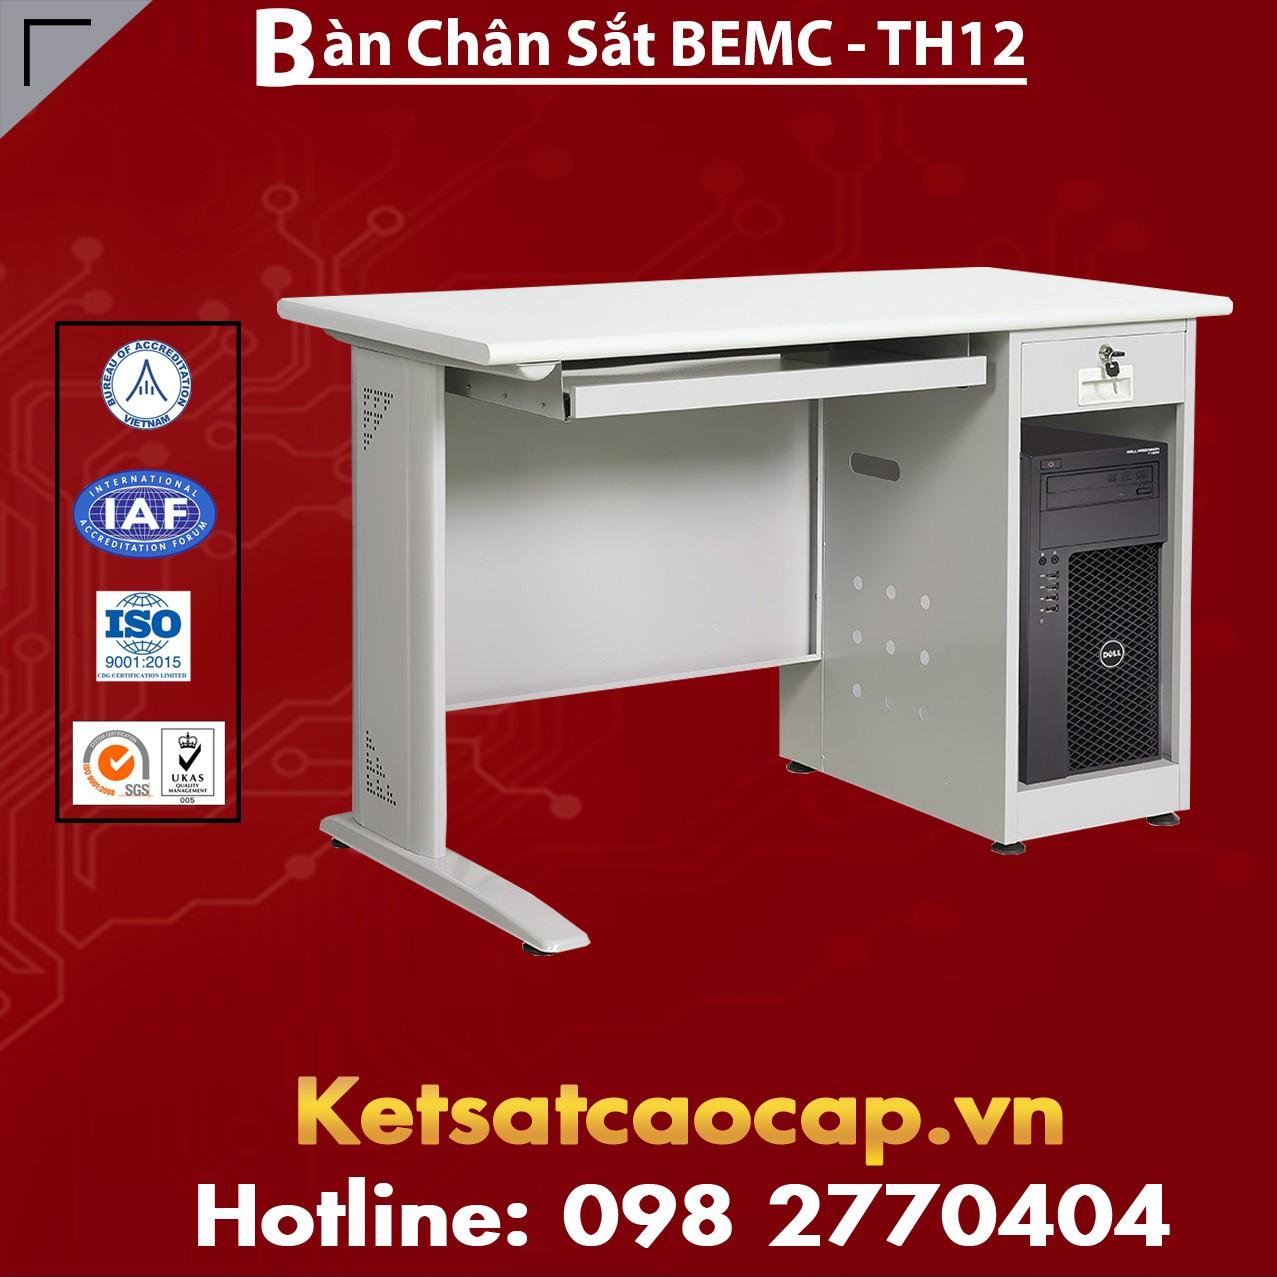 Bàn Chân Sắt BEMC - TH12